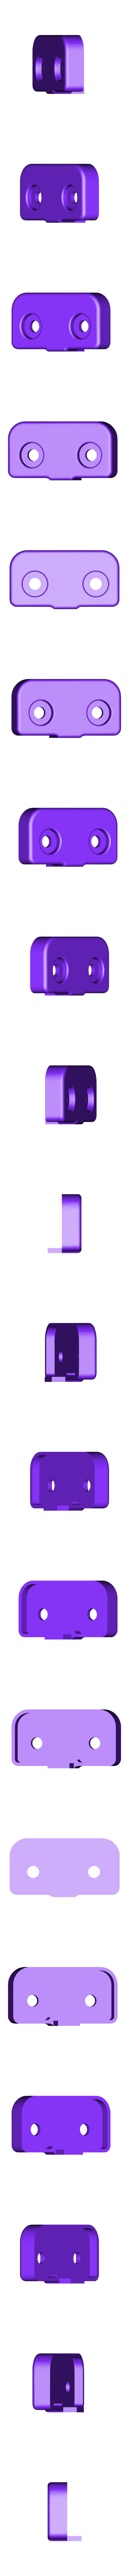 FSR_001_CAP_03_pan.STL Télécharger fichier STL gratuit Capteur à filament pour Luzlbot TAZ 6 (2.85mm design) • Modèle pour impression 3D, sneaks